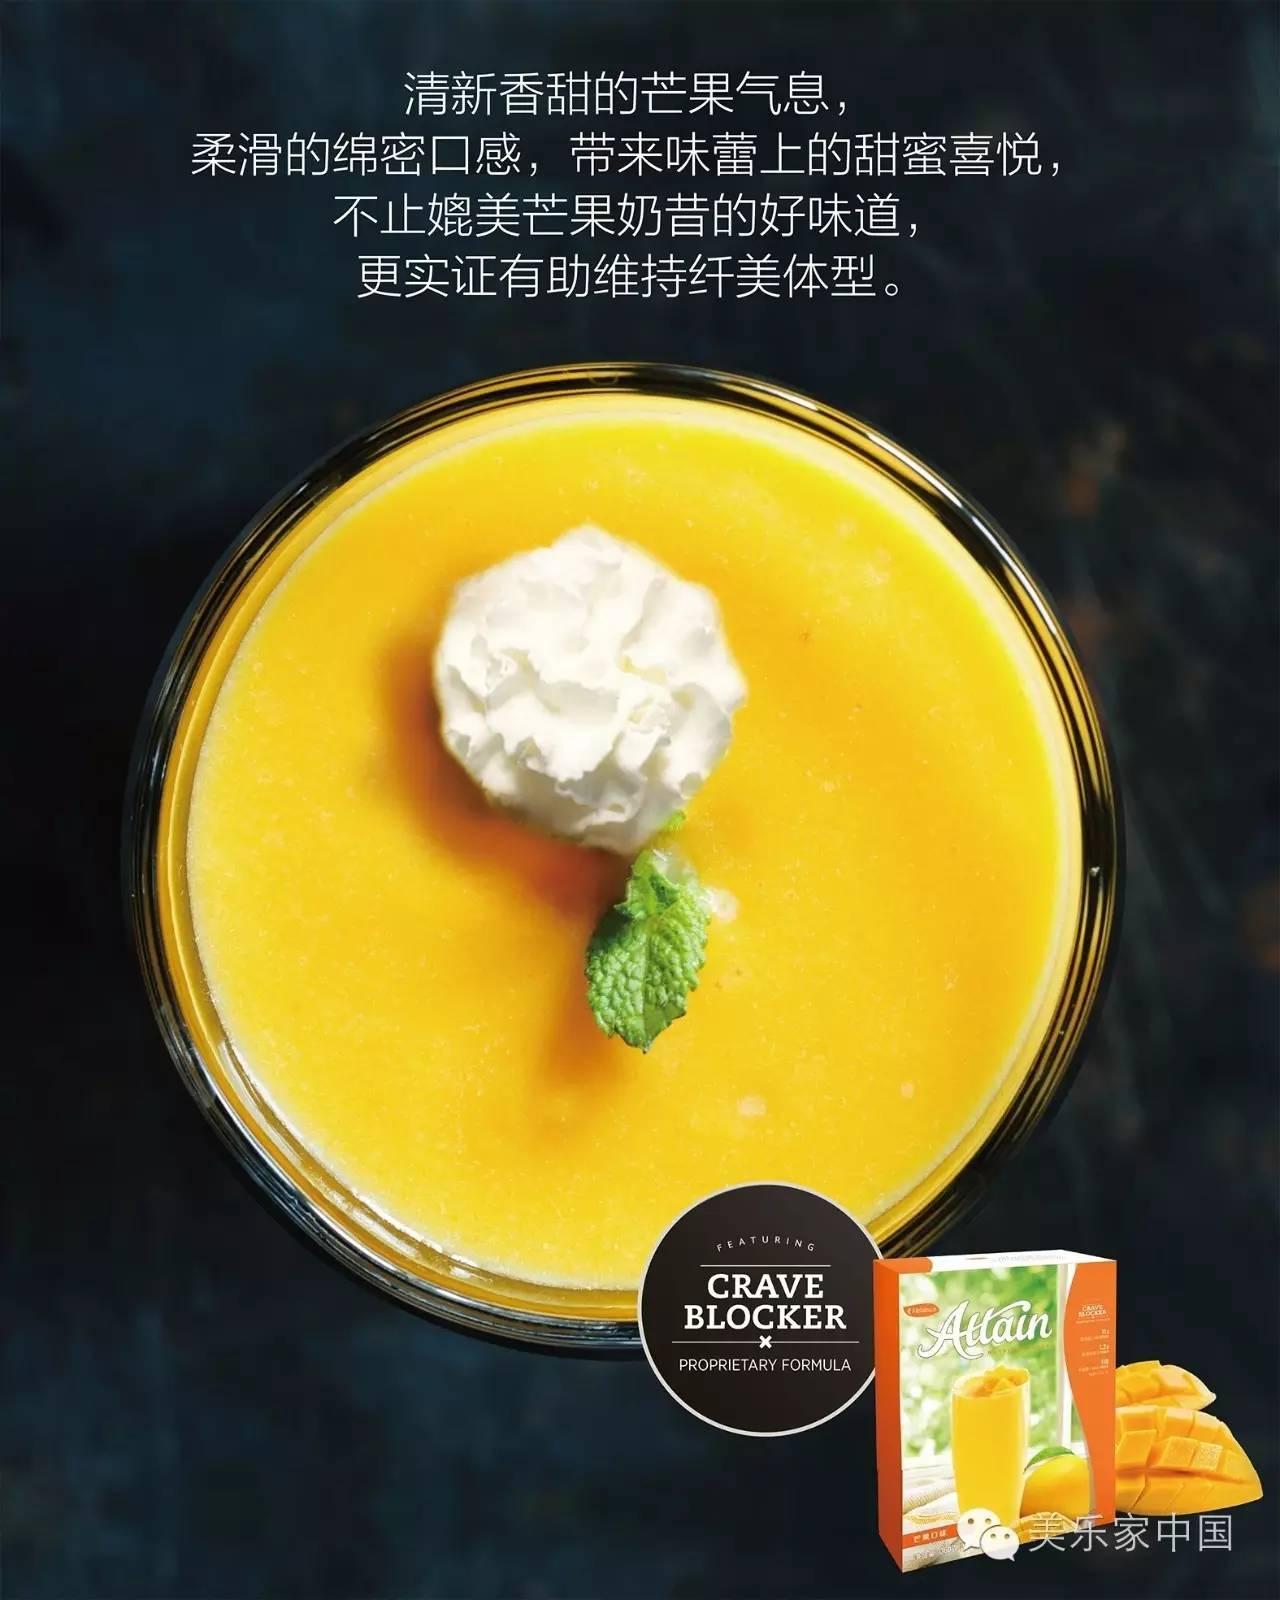 芒果奶昔vs.纤丽姿蛋白粉,选哪个?